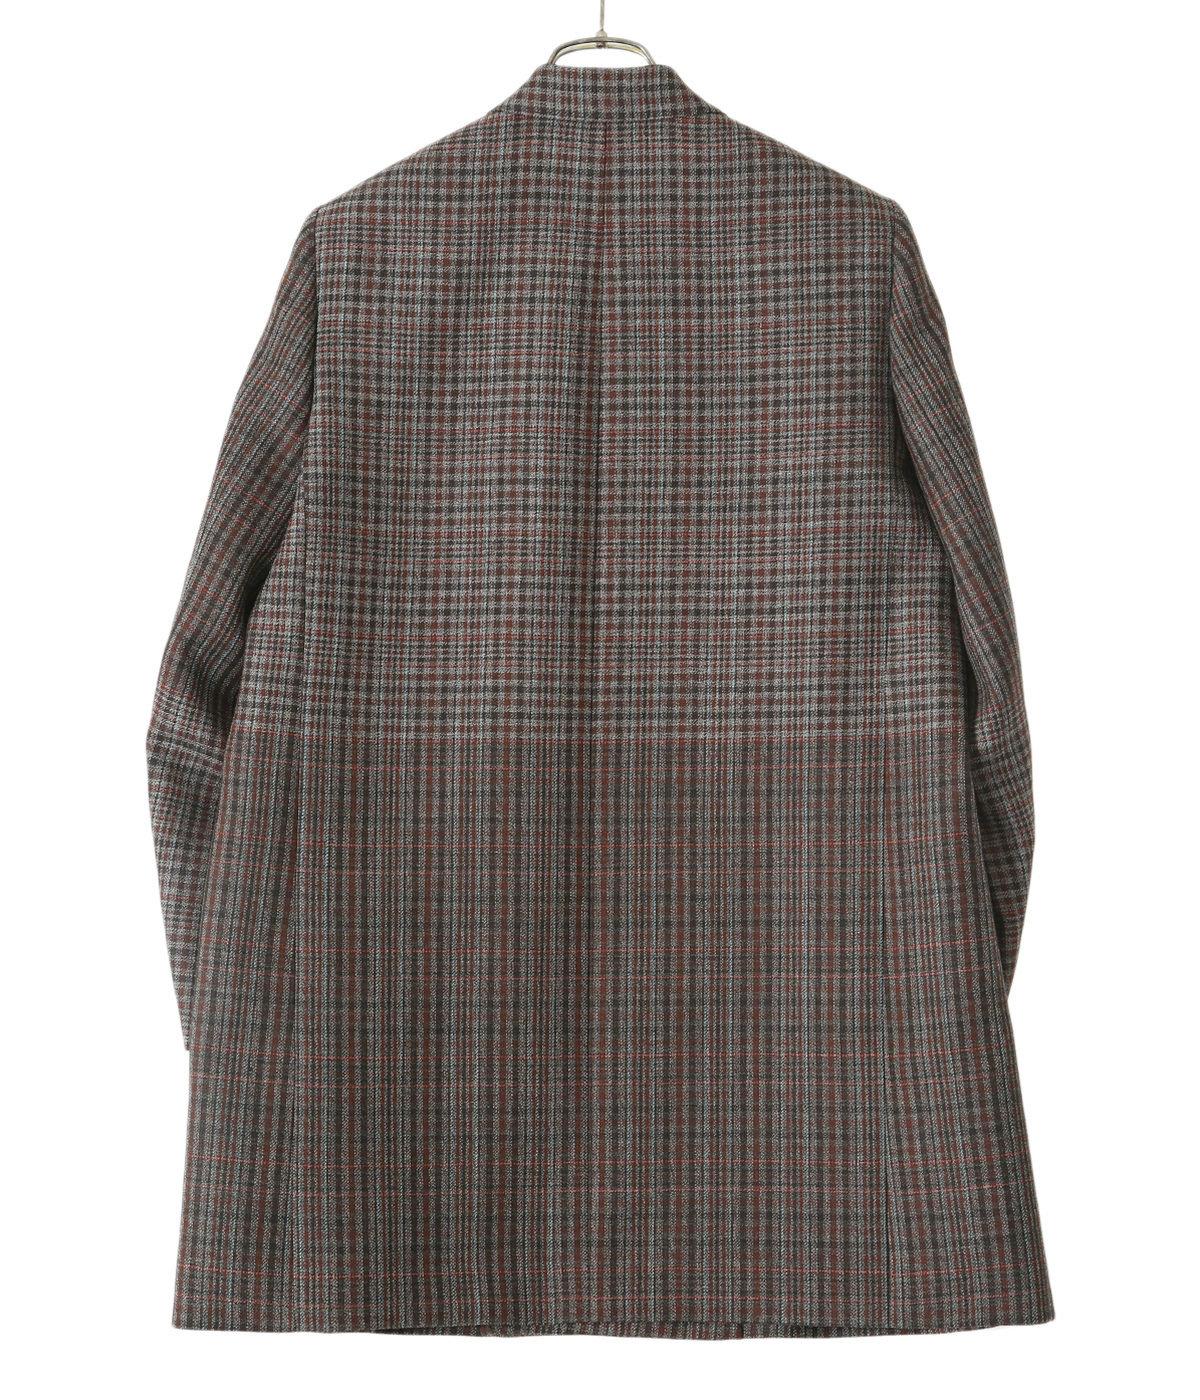 【予約】【レディース】gradation blockcheck tailored jacket